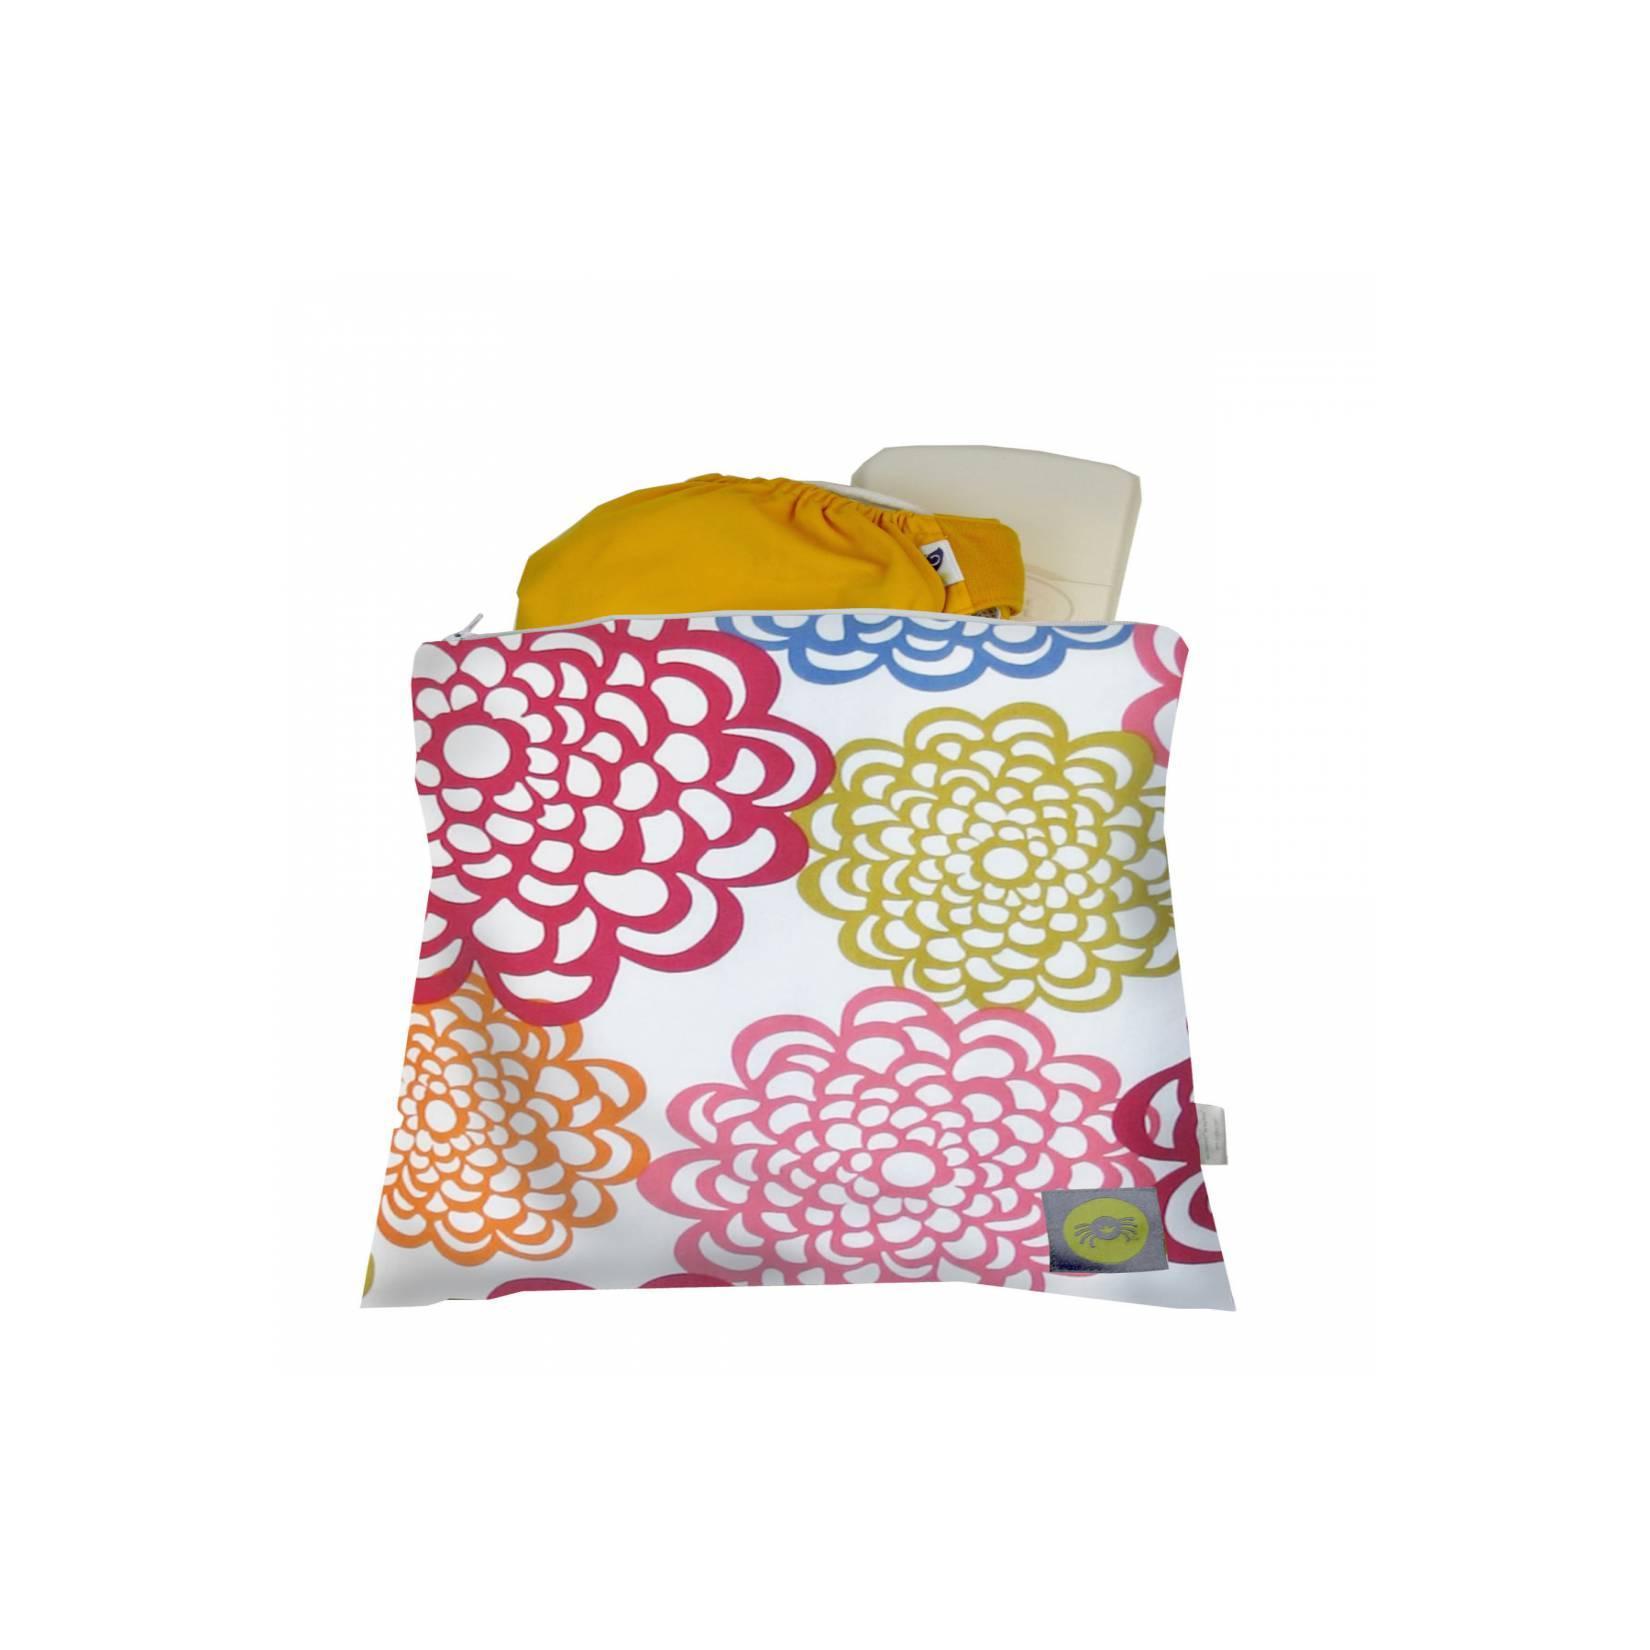 Itzy Ritzy Medium Sealed Wet Bag Social Fresh Bloom